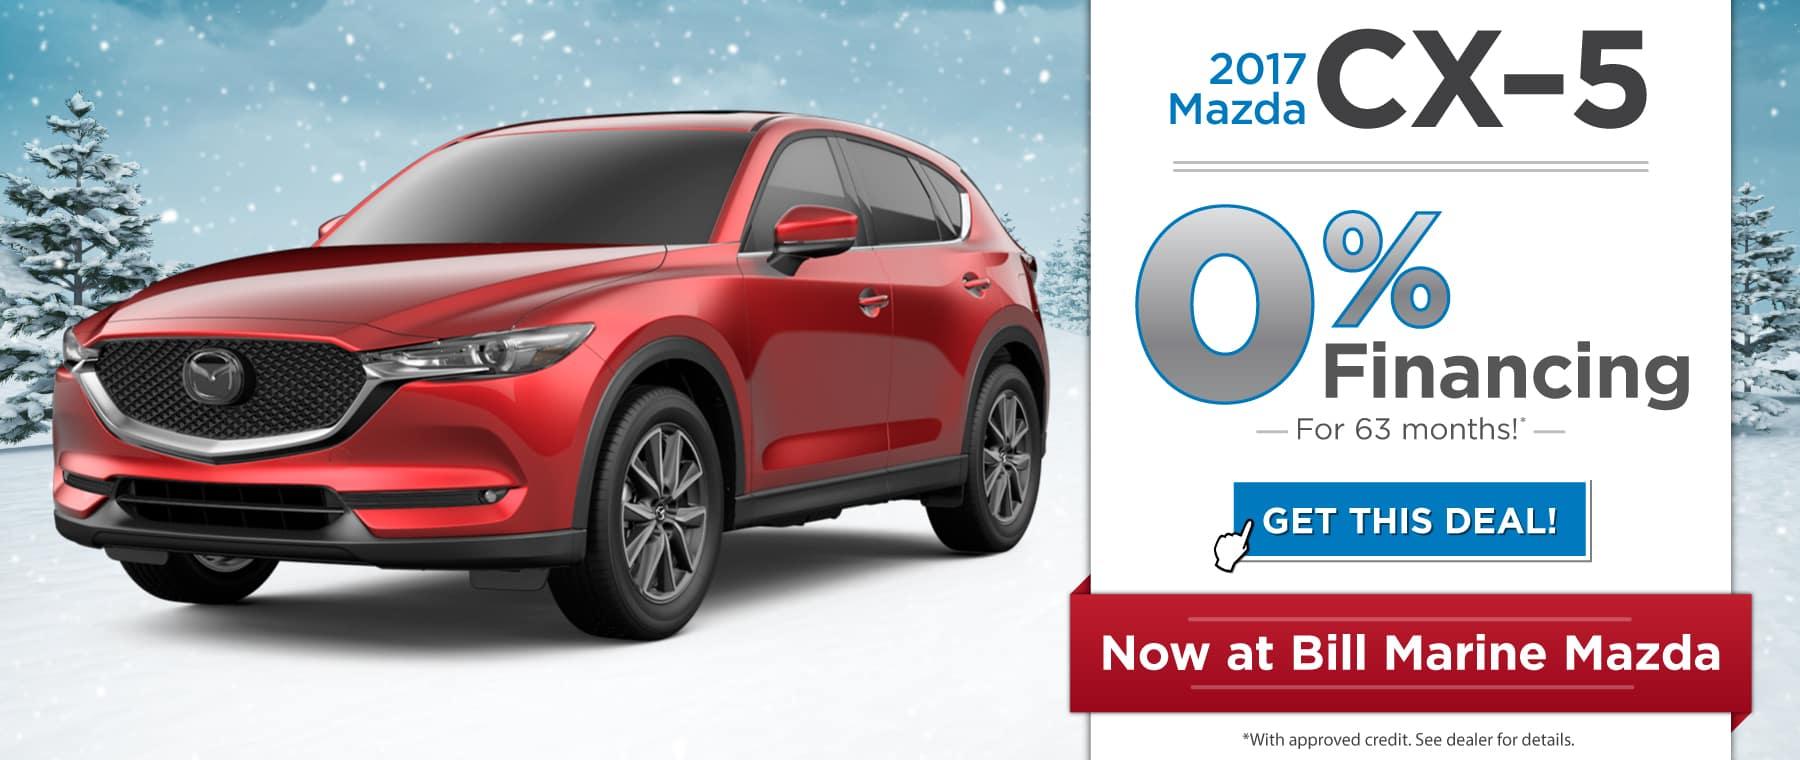 Bill Marine Mazda Mazda Dealer In Springfield OH - Mazda dealers in ohio